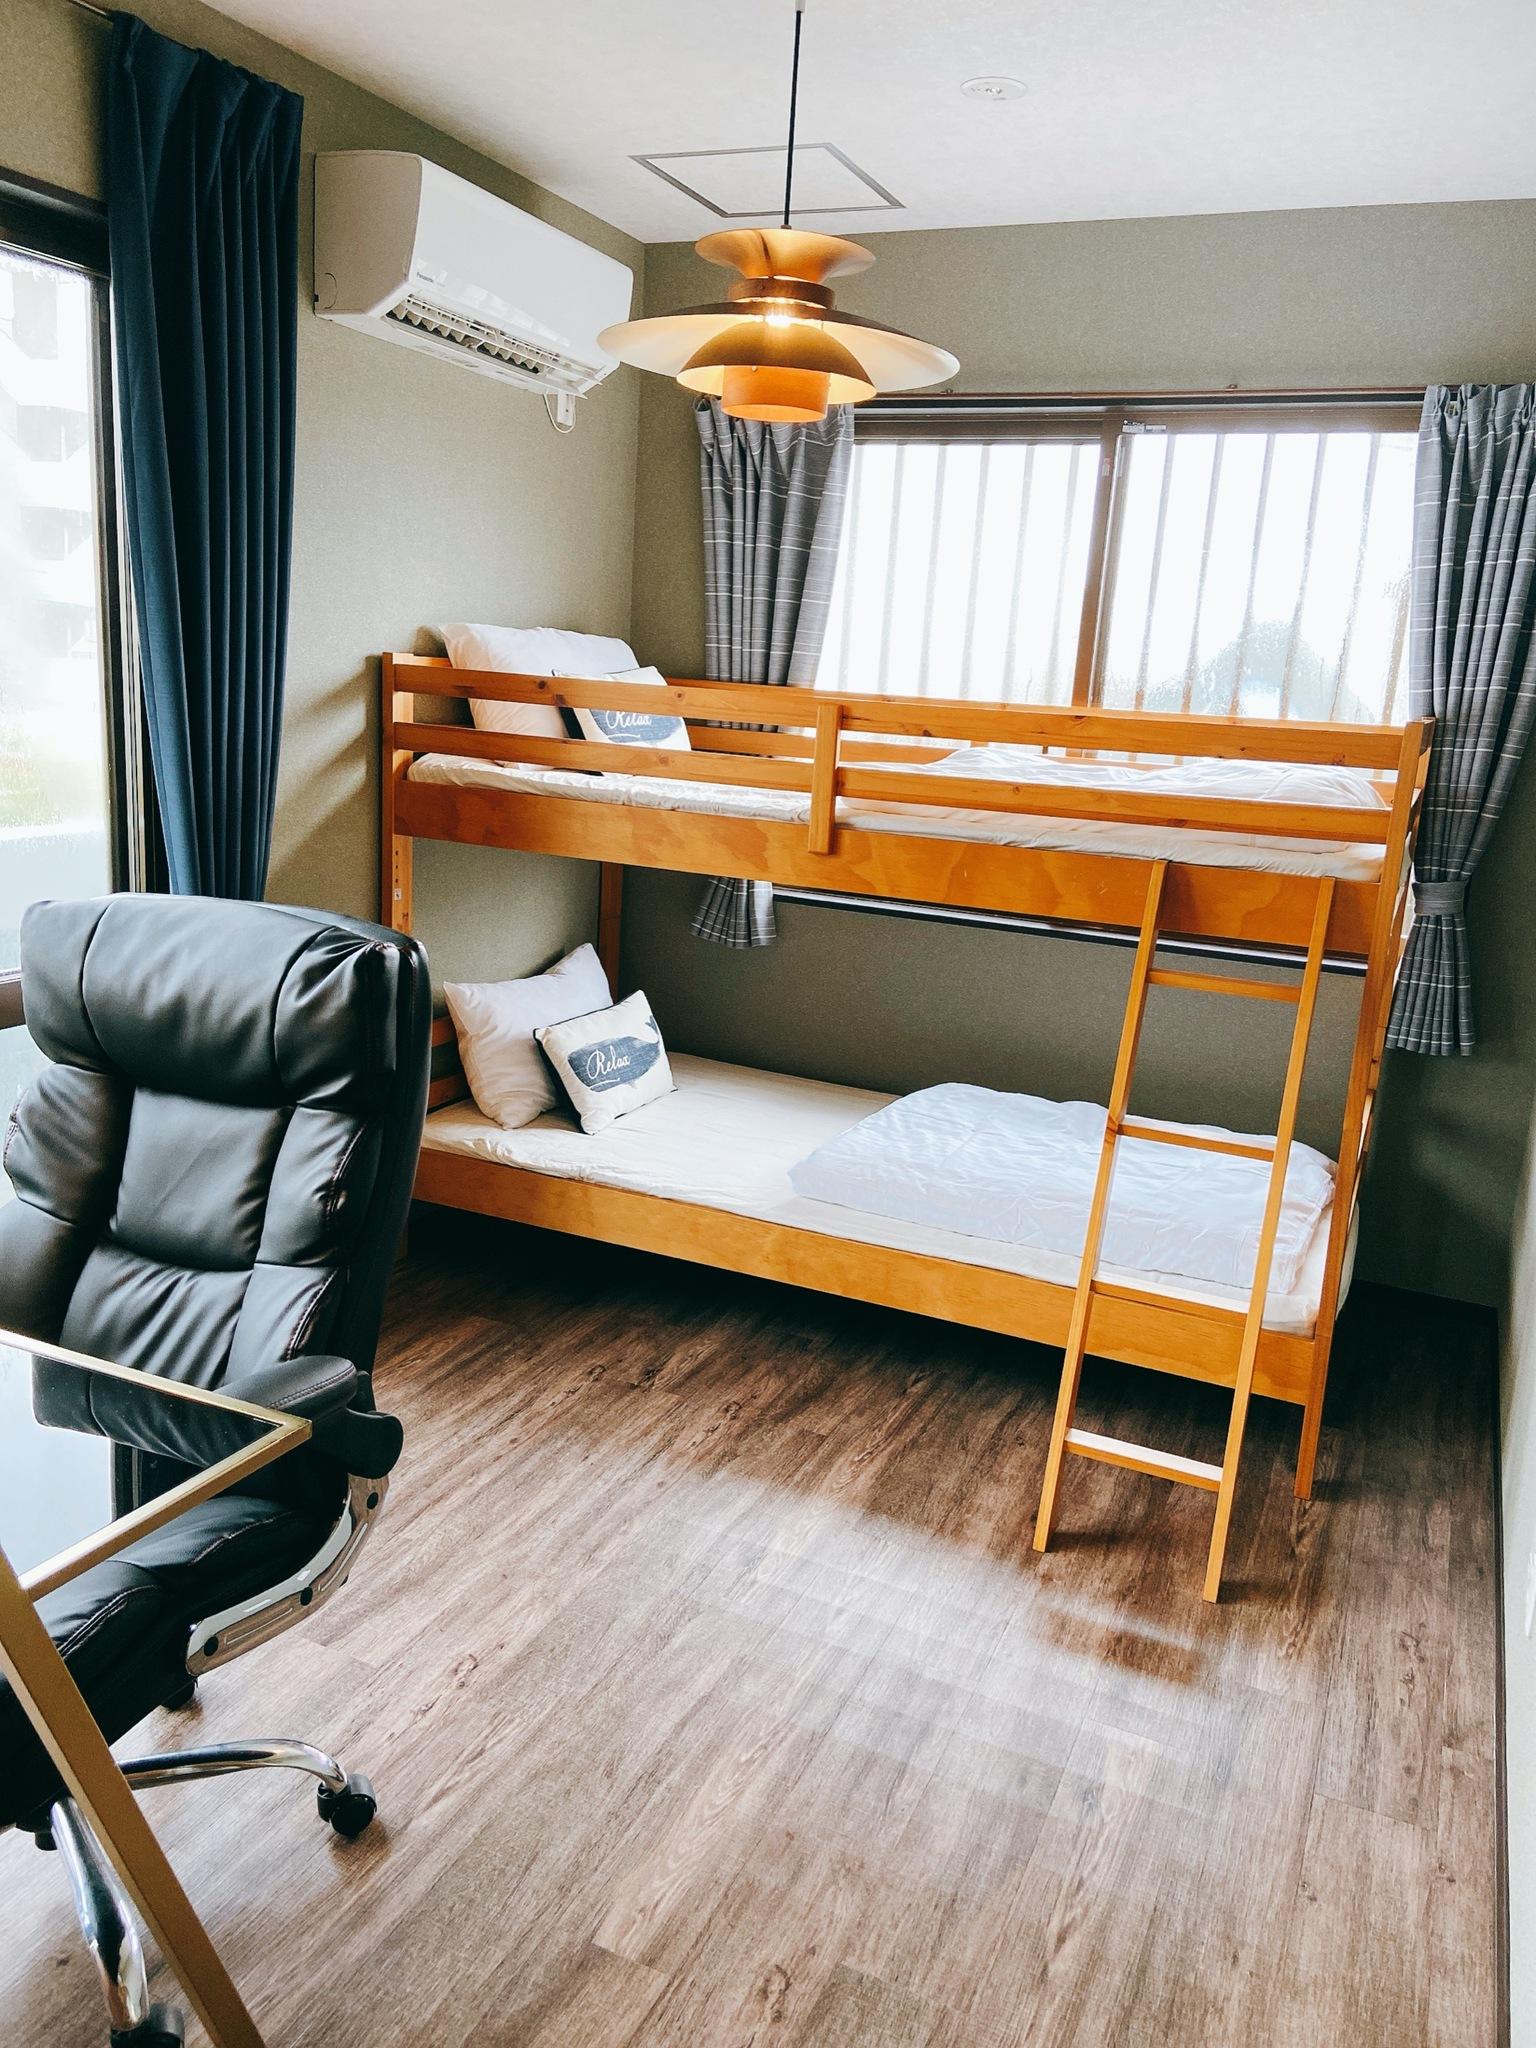 寝室4 Bed room4